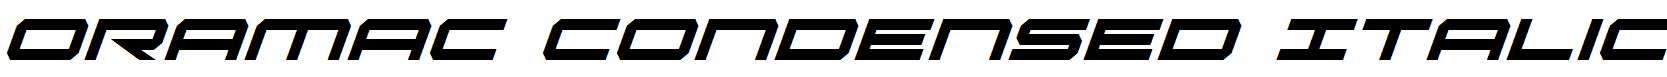 Oramac-Condensed-Italic